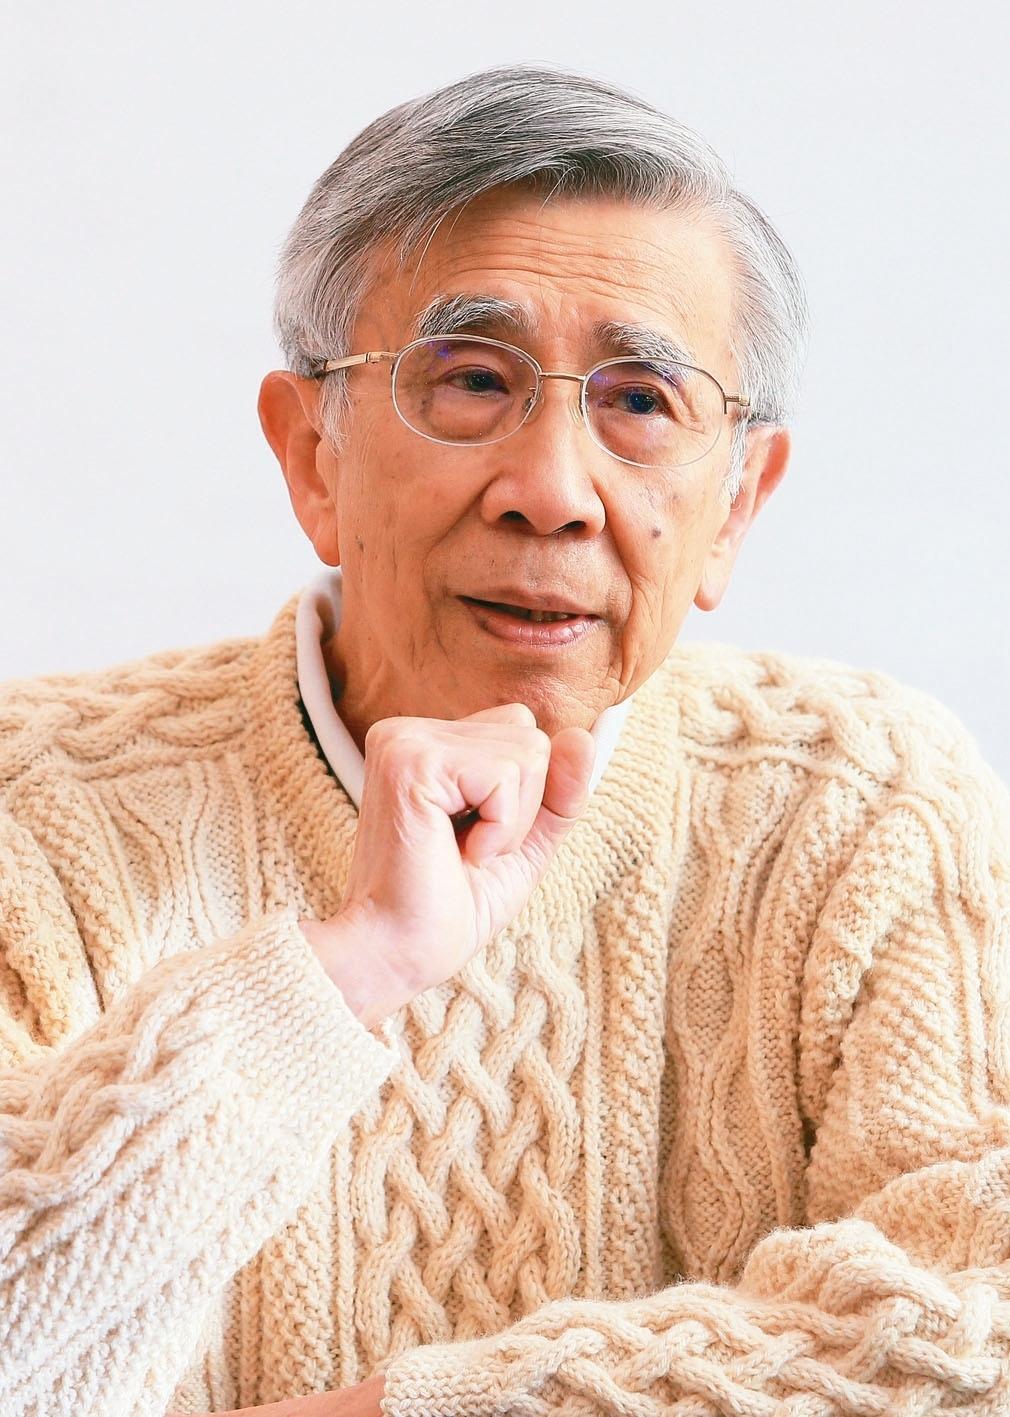 前衛生署長李明亮。記者潘俊宏/攝影